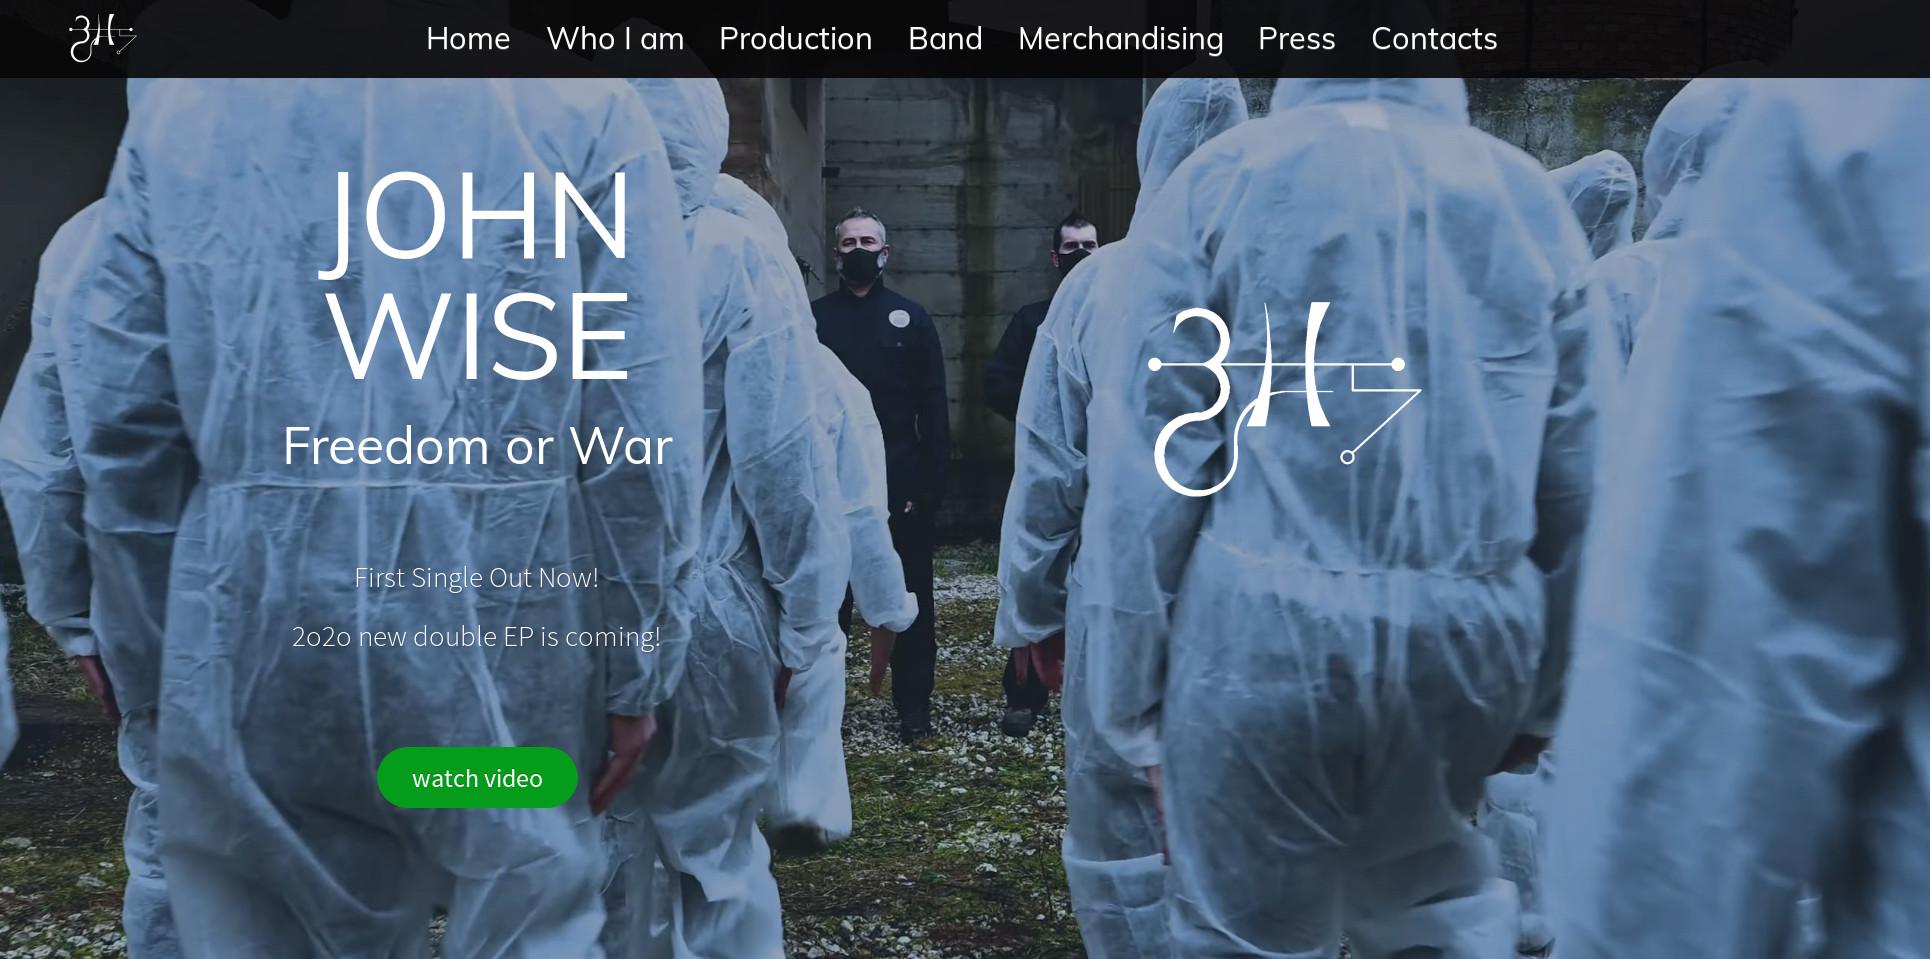 Sito web per l'artista John Wise